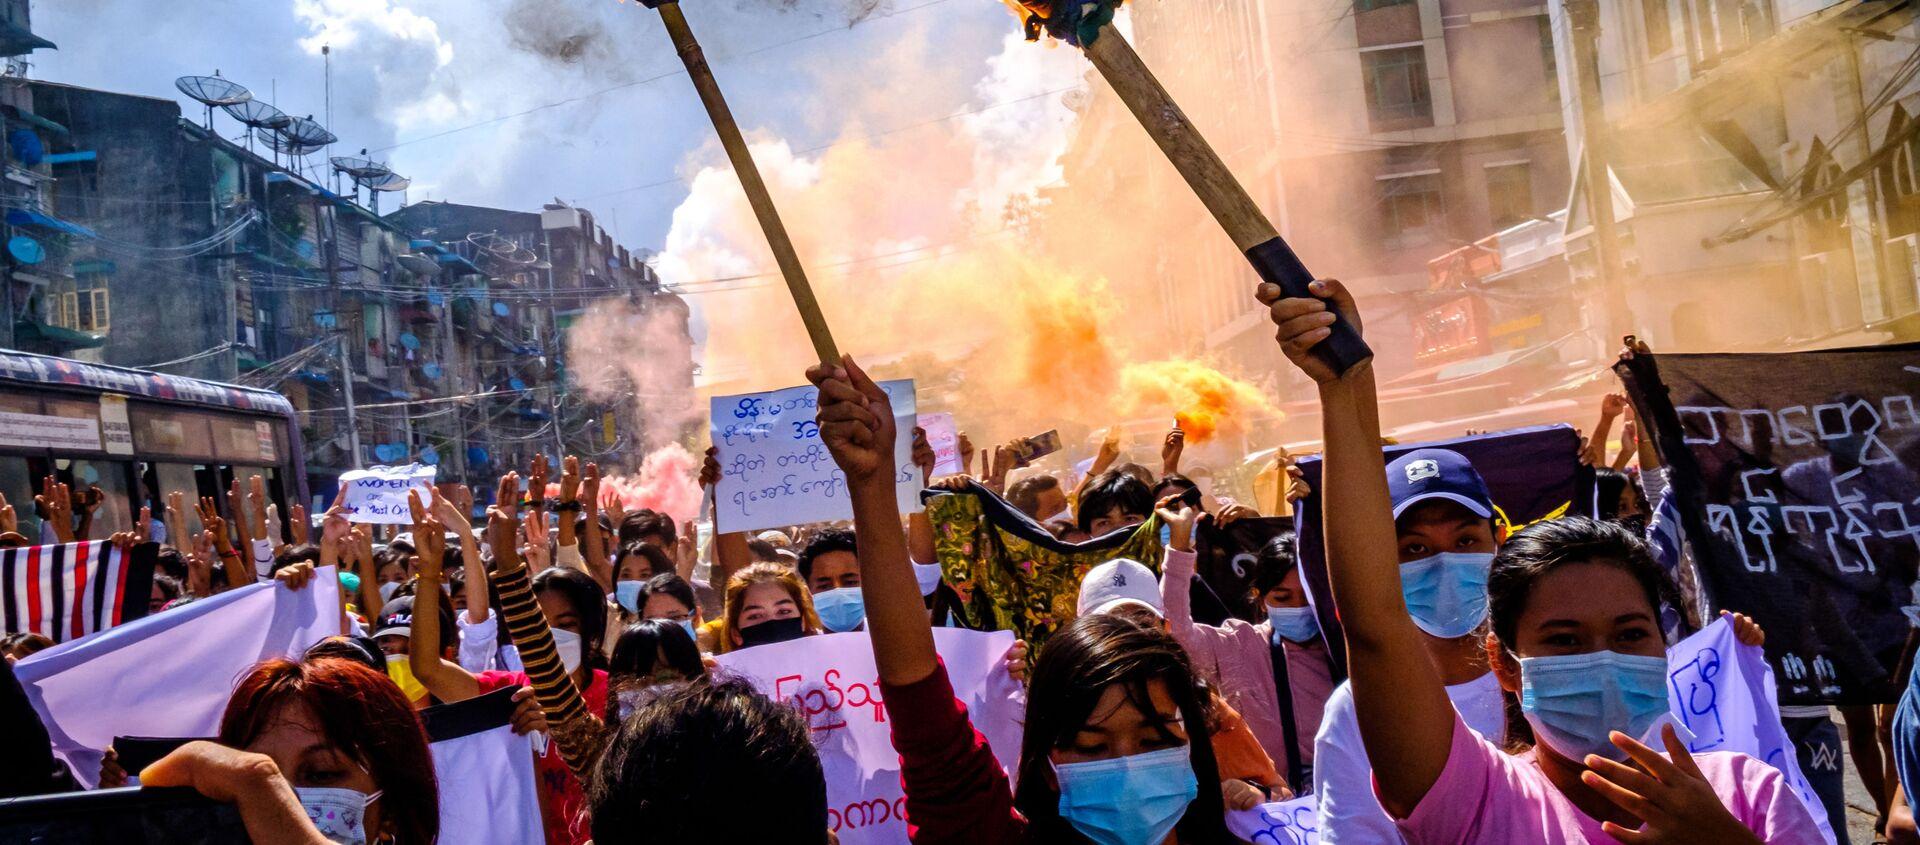 Женщины несут горящие факелы во время демонстрации против военного переворота в Янгоне  - Sputnik 日本, 1920, 29.07.2021